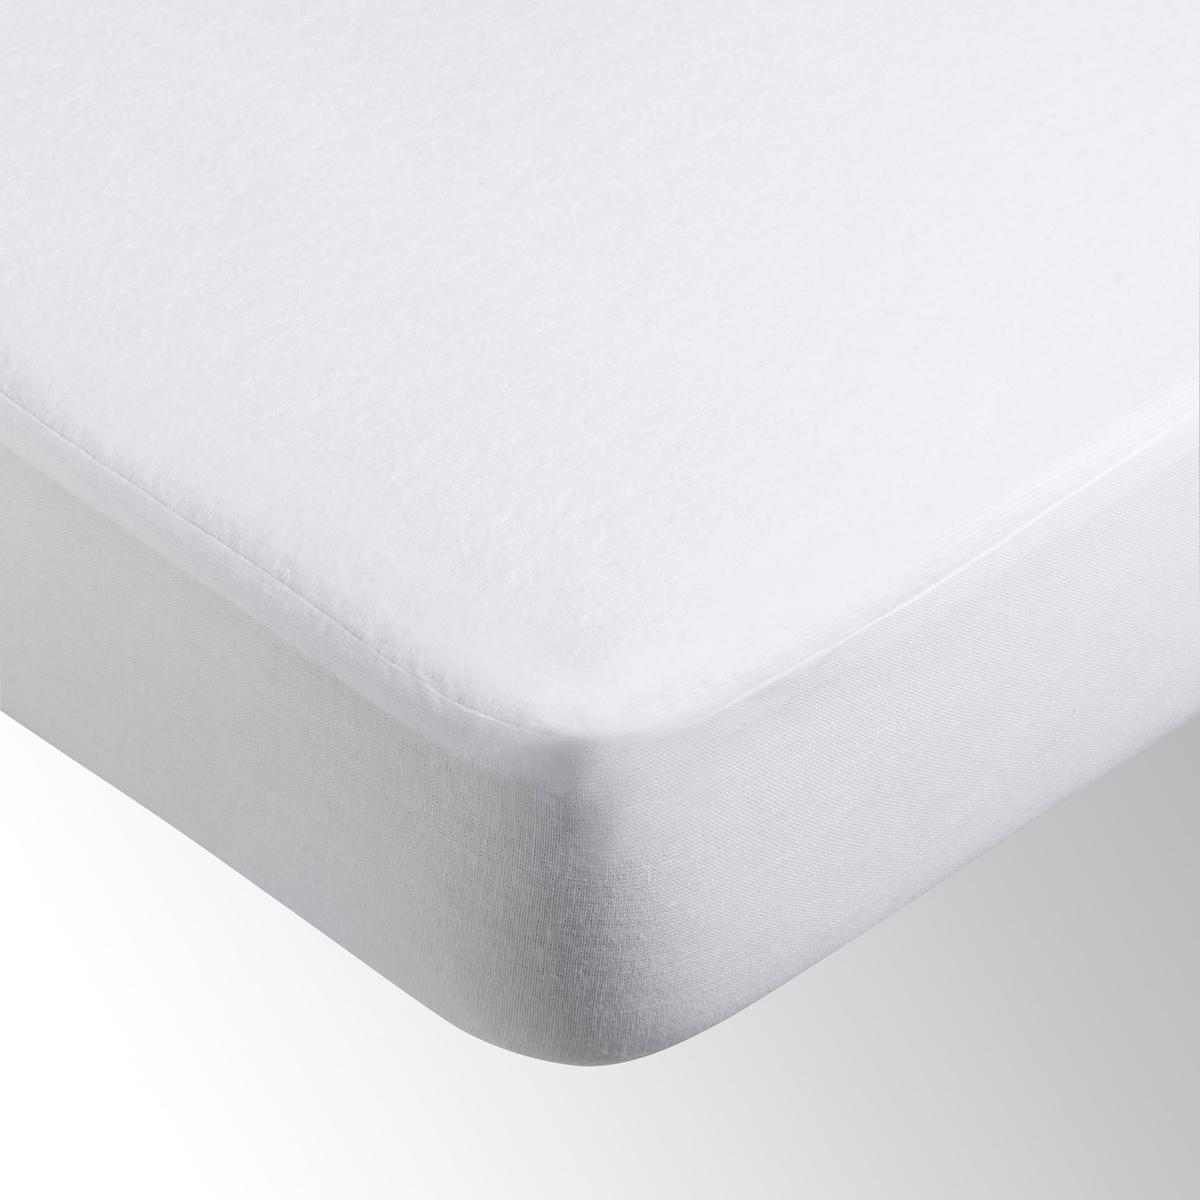 Чехол защитный для матраса натяжной непромокаемый ультра-дышащийНепромокаемый и ультра-дышащий защитный чехол для матраса гарантирует максимальную защиту и контролирует потовыделение во время сна благодаря своему сопротивлению  передаче паров.Непромокаемый и ультра-дышащий защитный чехол из мольтона, 100 % хлопок (210 г/м2), ультра-дышащая мембрана из эластомера (полная защита и оптимальный комфорт благодаря способности отводить влагу от тела, сохраняя при этом полную непромокаемость).Дышащие свойства этой мембраны из эластомера в10 раз выше, чем у классических мембран, что гарантирует Ваш безмятежный сон. Очень мягкая, незаметная и бесшумная мембрана является прекрасным барьером для пыли и клещей.Клапан из полотна,100% хлопок, 27 см (подходит для матрасов толщиной до 27 см). Формованные уголки.Уход за непромокаемым ультра-дышащим защитным чехлом для матраса: Стирка при 60°.Сертификат OEKO-TEX.<br><br>Цвет: белый